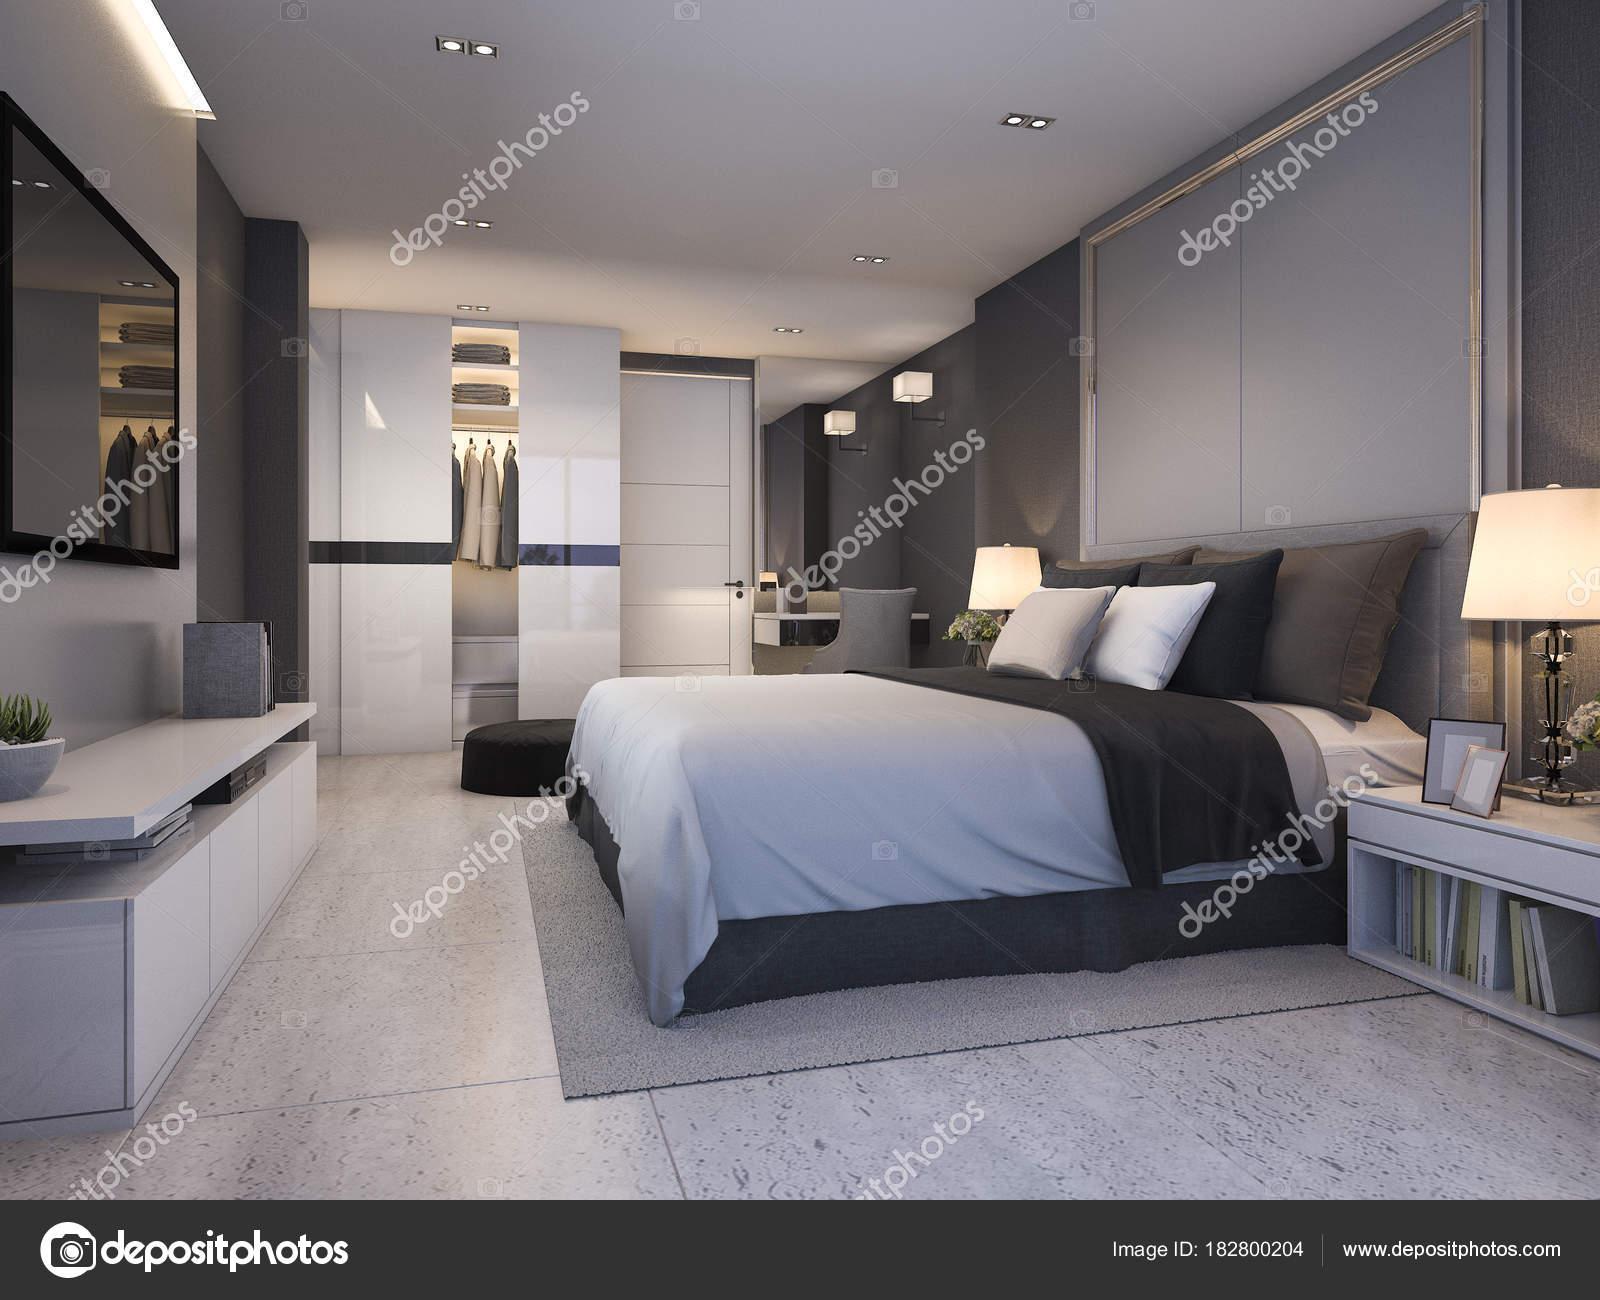 Suite Chambre Luxe Moderne Rendu Nuit Design Confortableu2013 Images De Stock  Libres De Droits